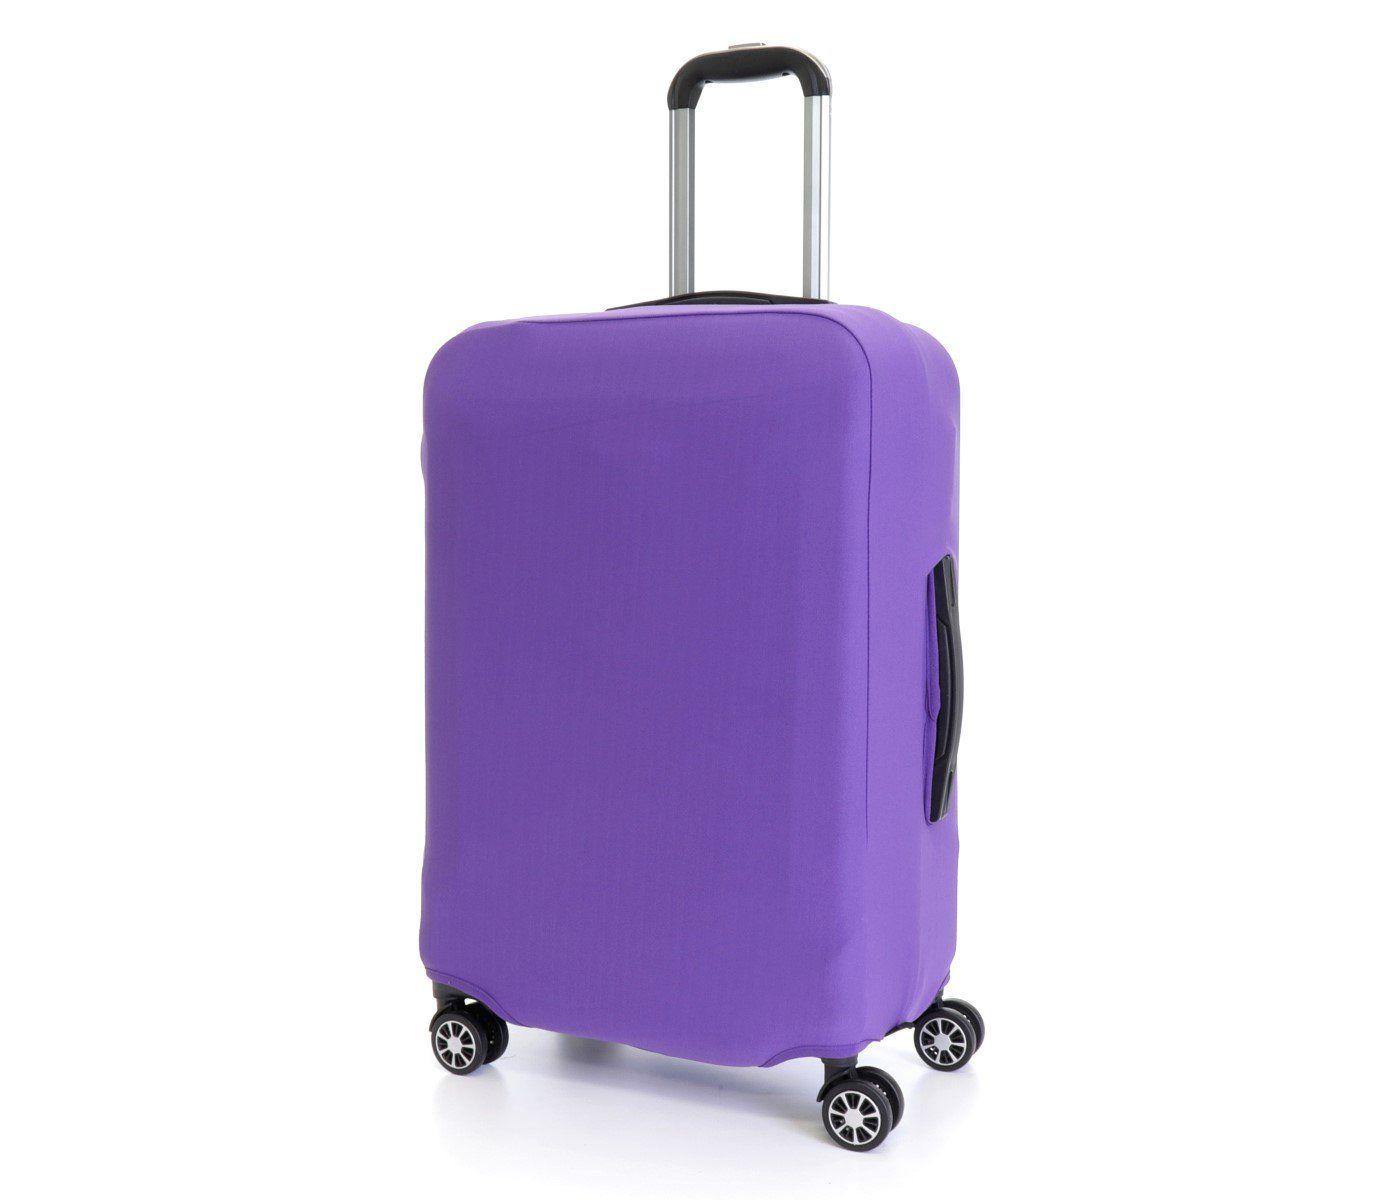 Obal na kufr malý S fialovy